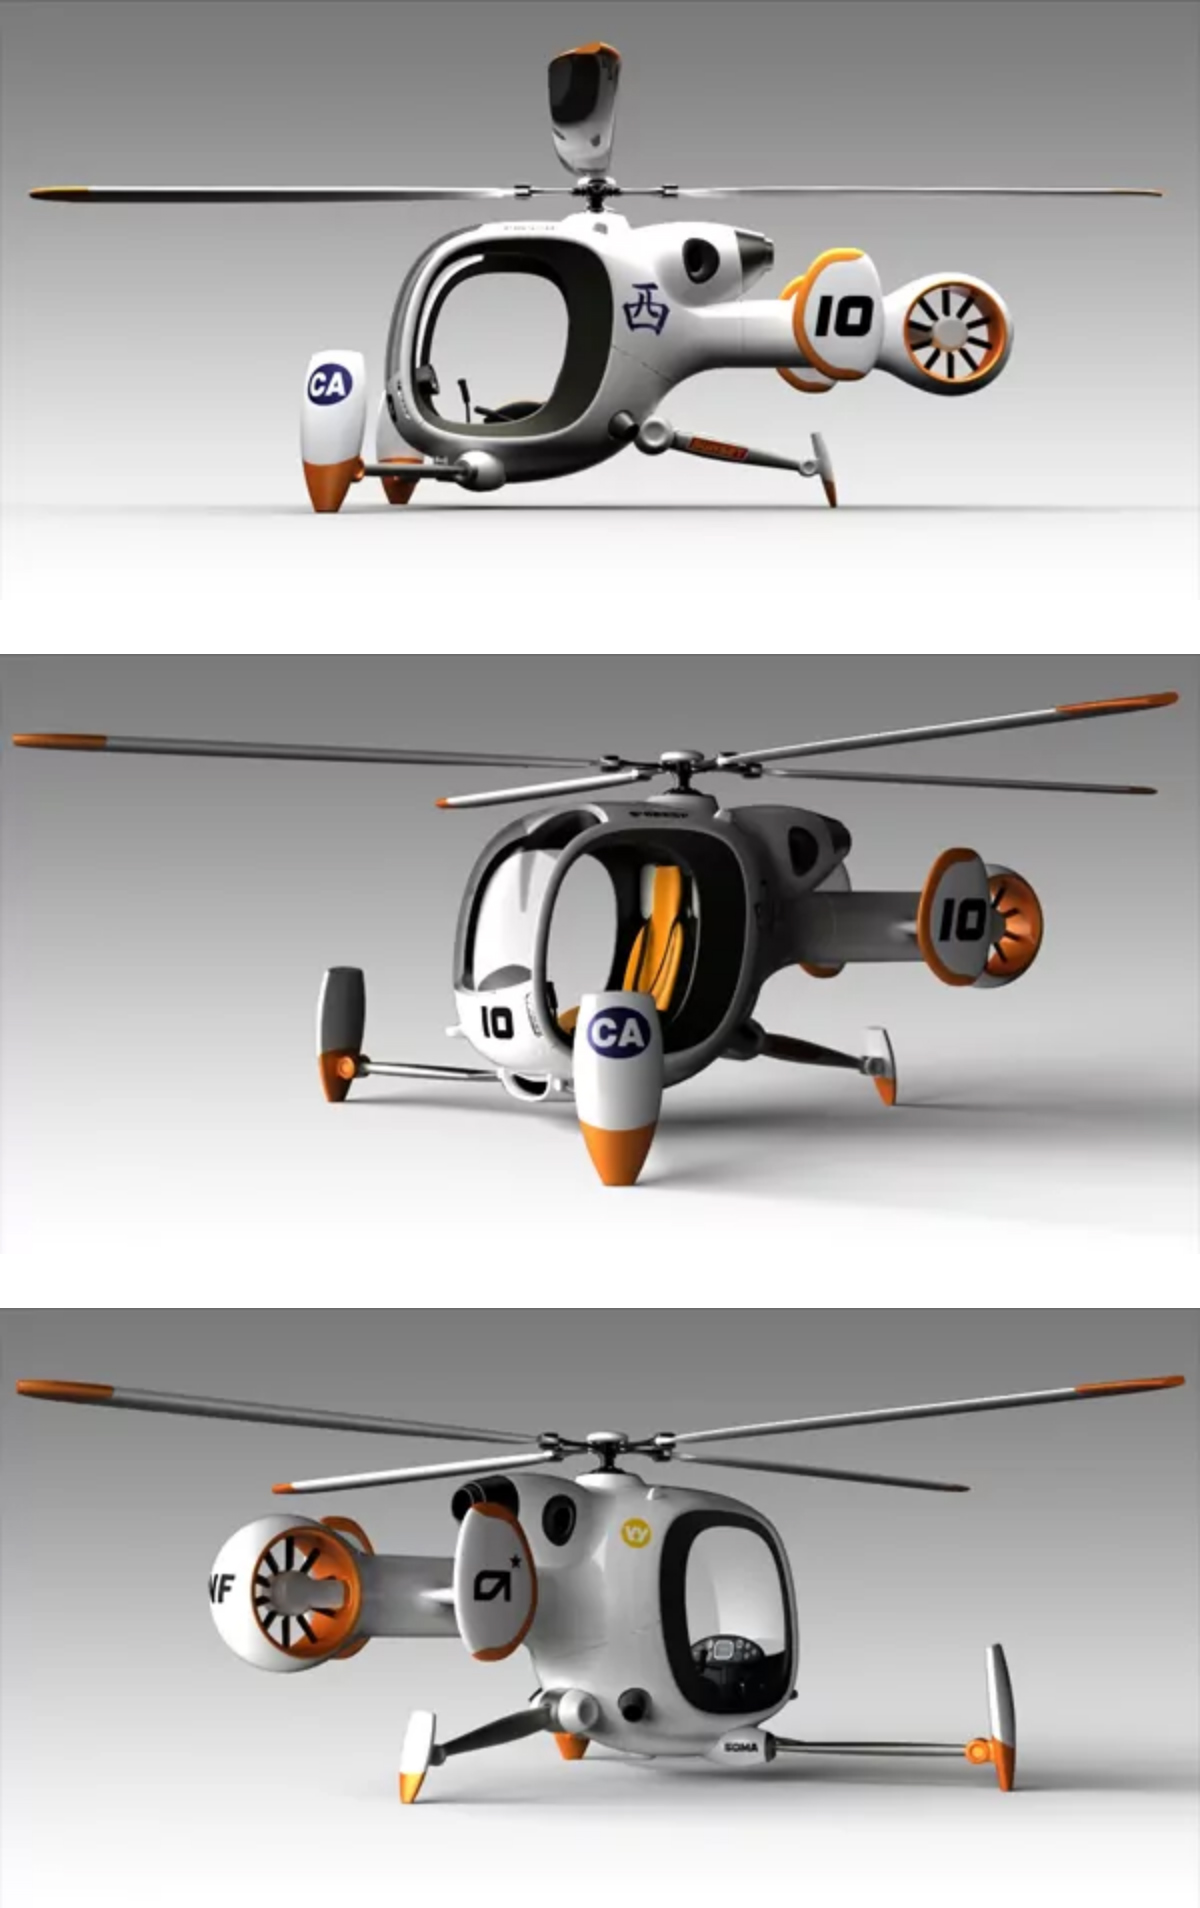 Blade Jet Copter